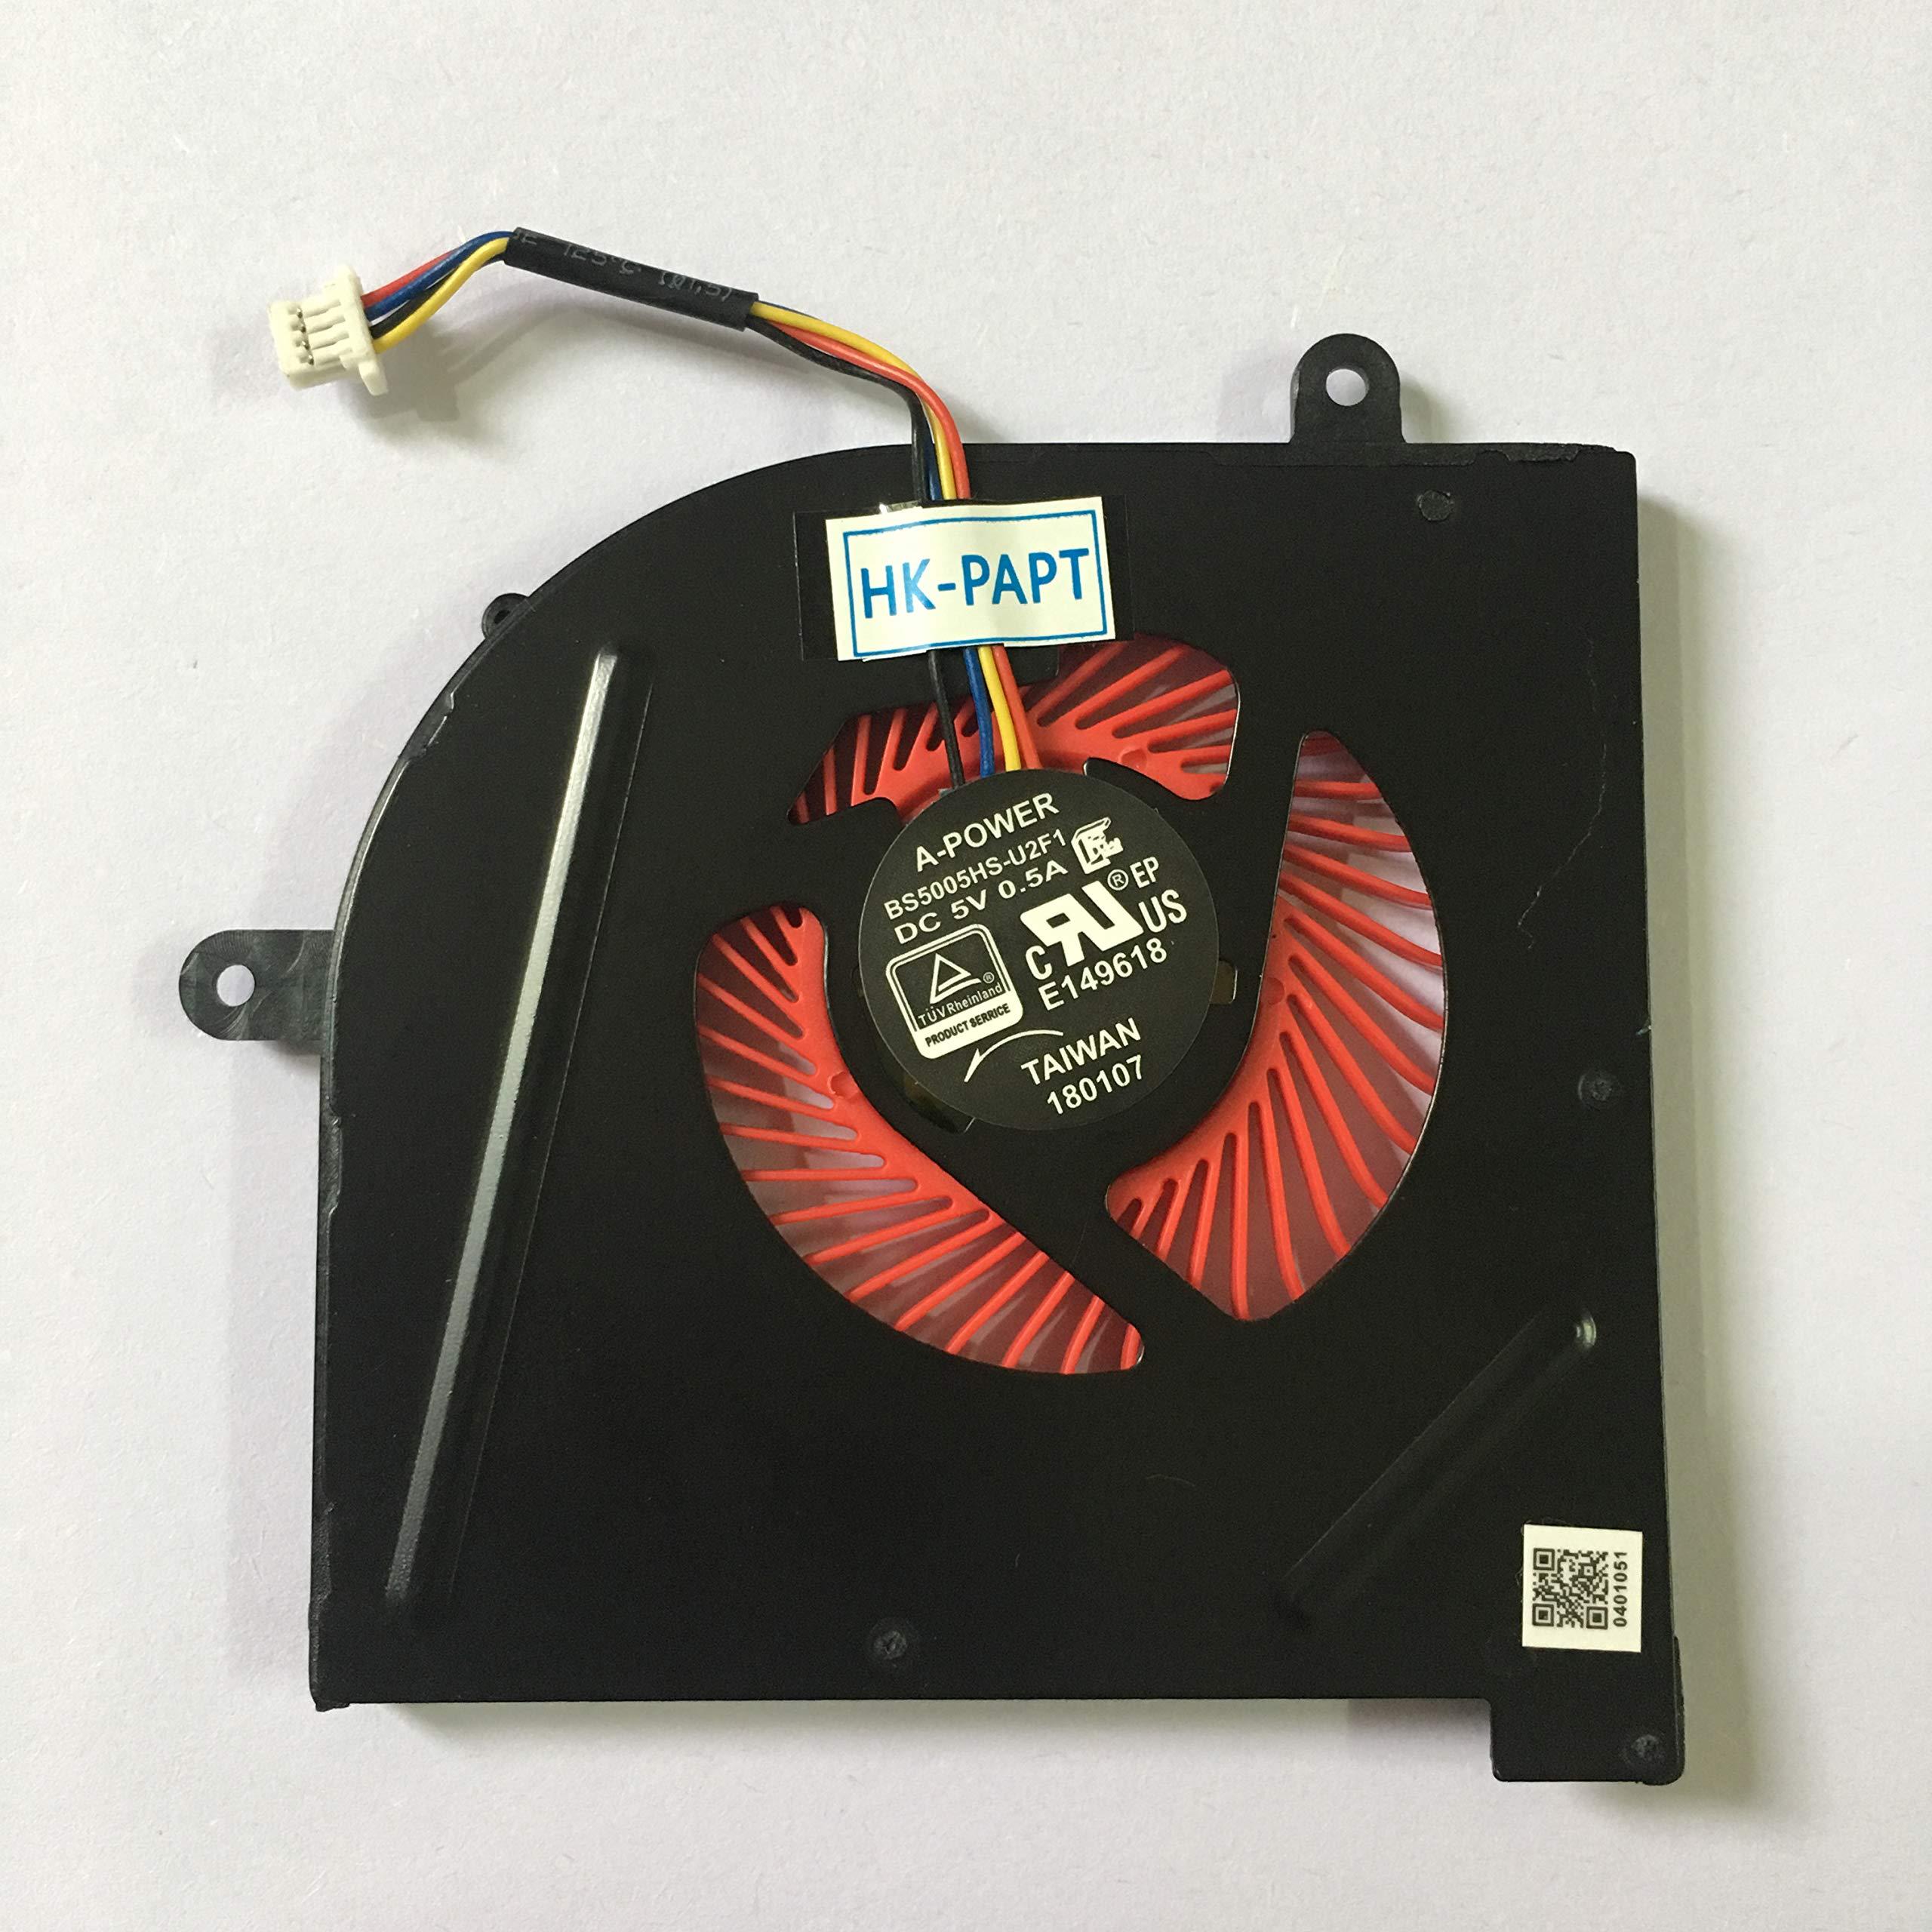 Cooler Para Msi Gs63vr Series Gs63vr 6rf Gs63vr 7rf Gs63vr Stealth Pro Ms-16k2 Ms-17b1 Bs5005hs-u2f1 4-pin Dc 5v 0.5a